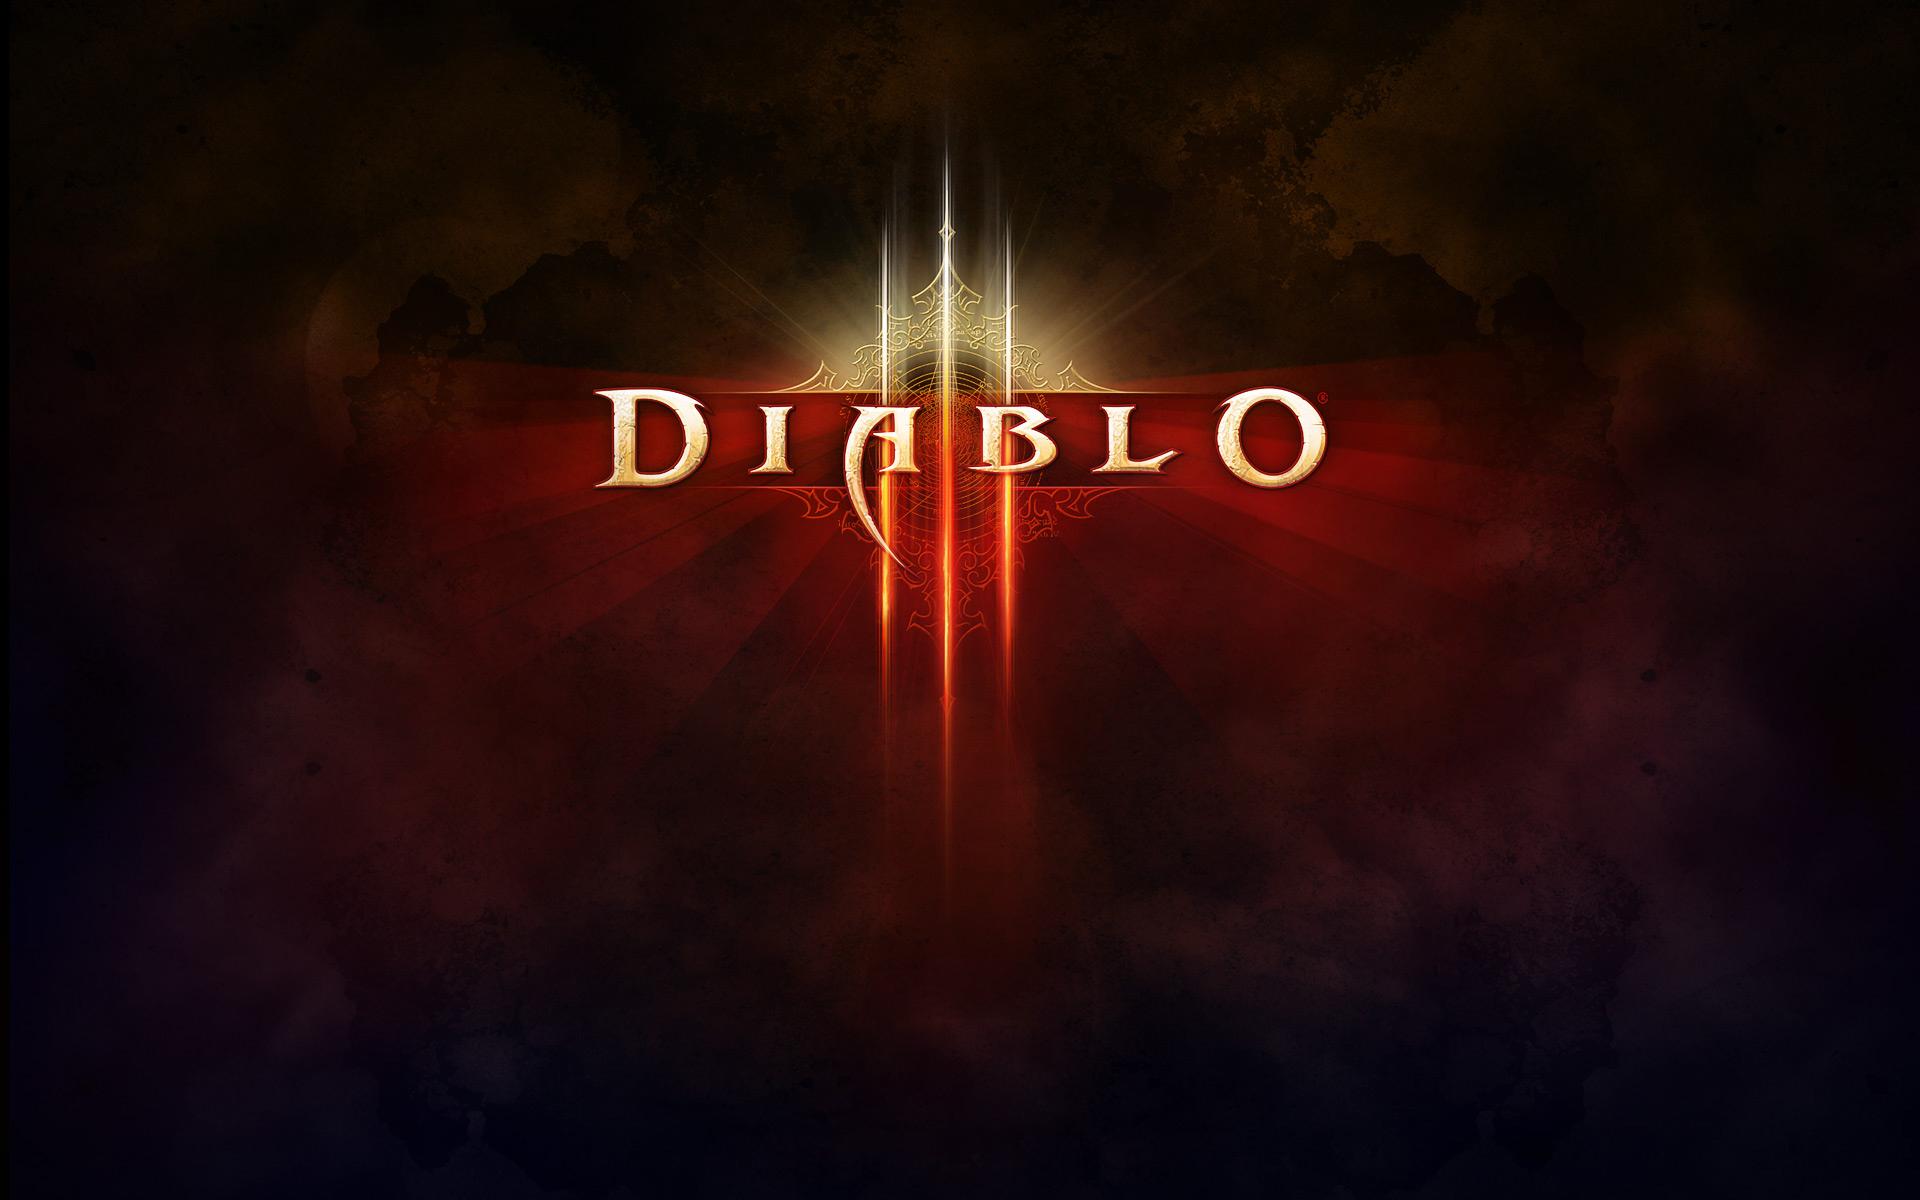 Diablo 3 - 1920x1200